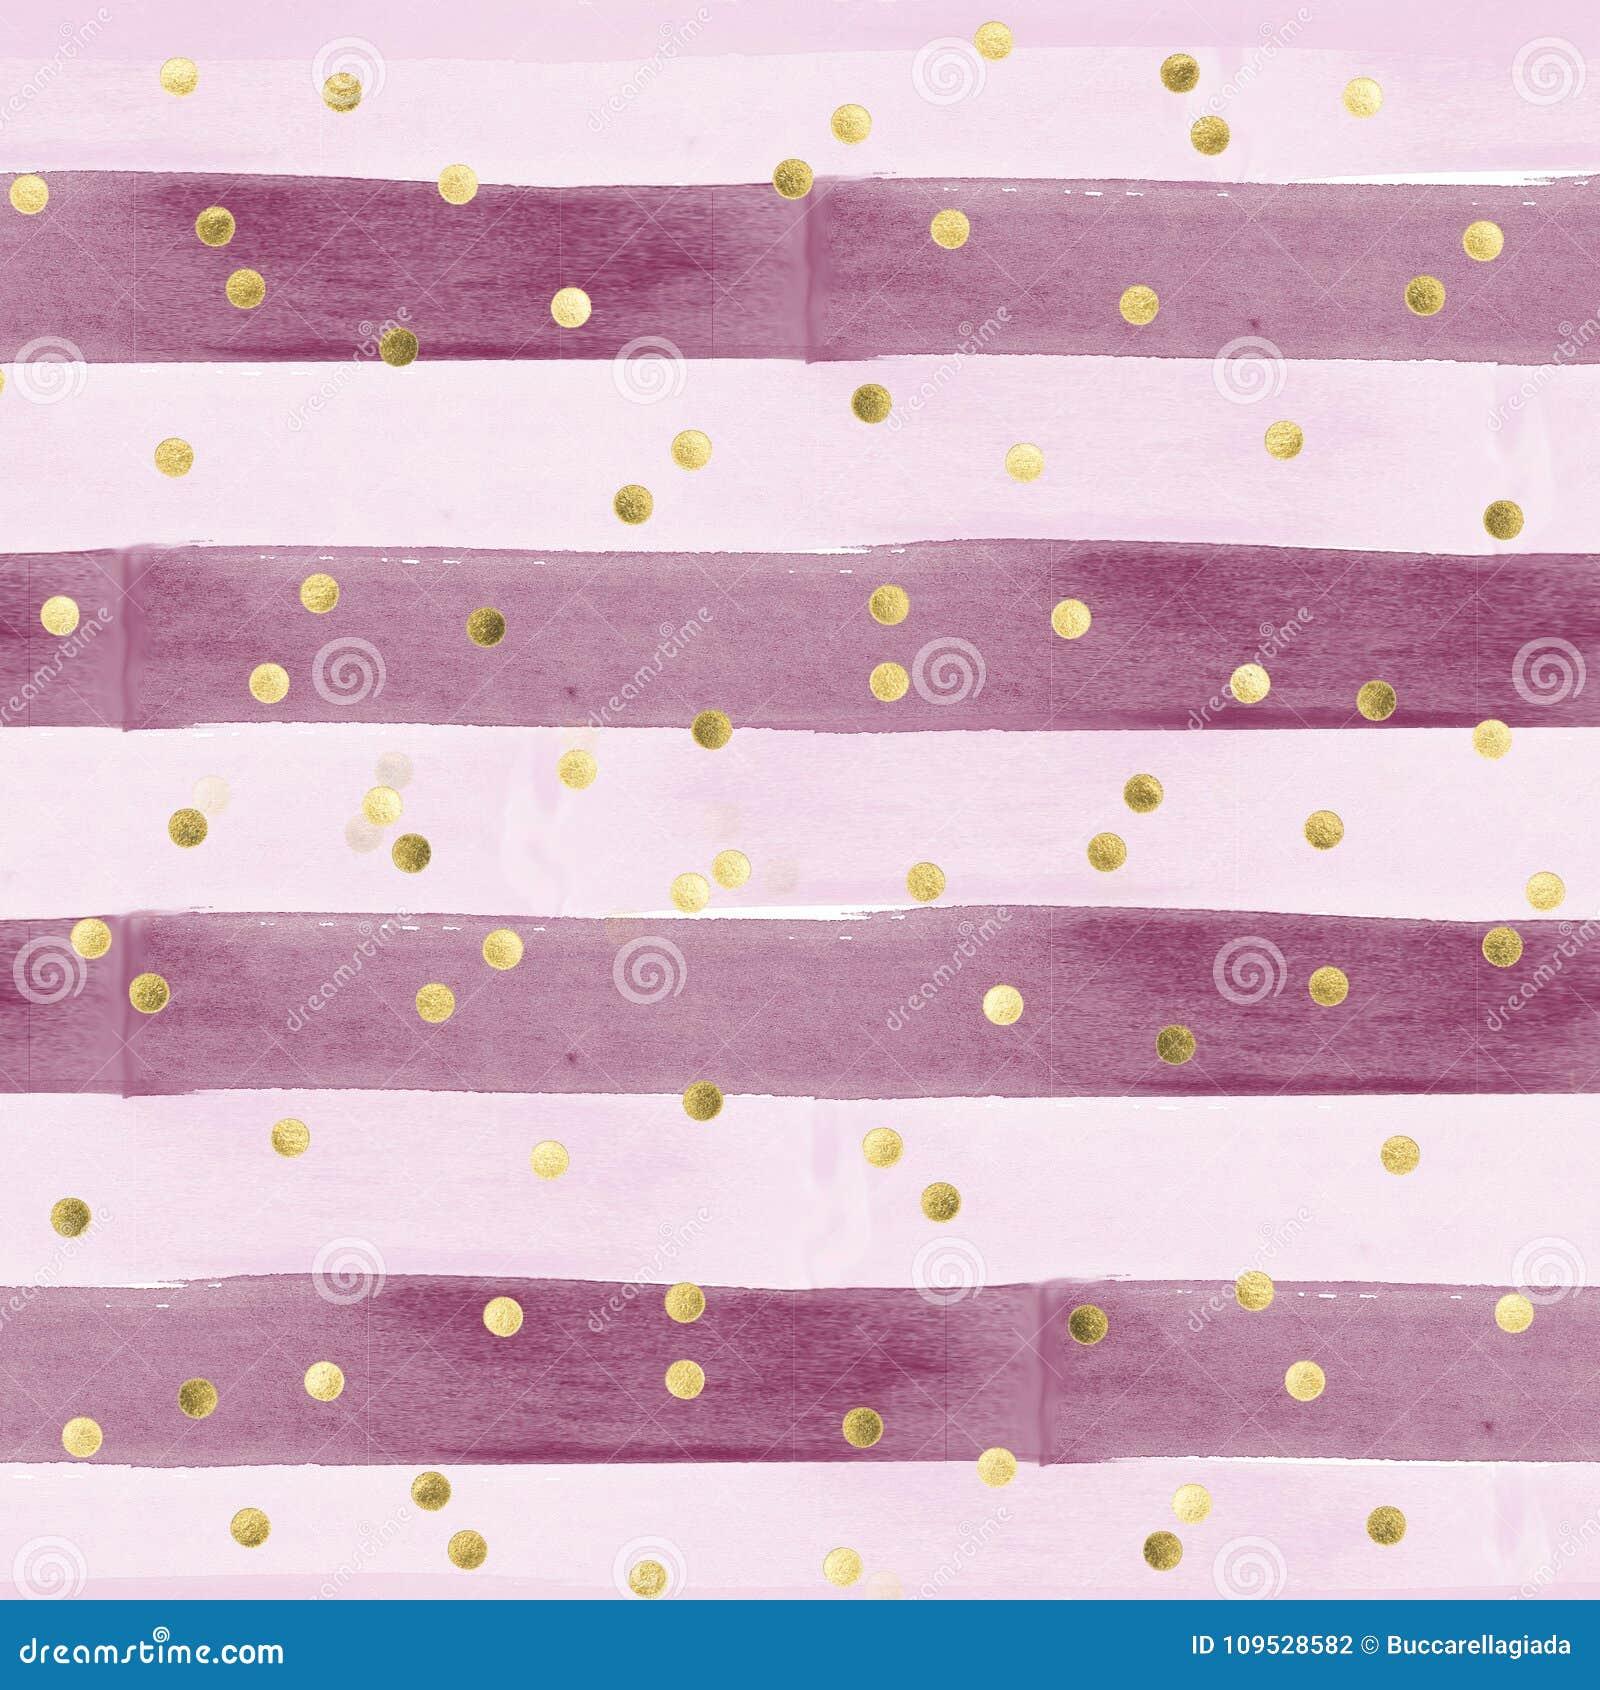 Modelo inconsútil en efecto de la acuarela - rayas horizontales en rosado y púrpura con confeti del oro